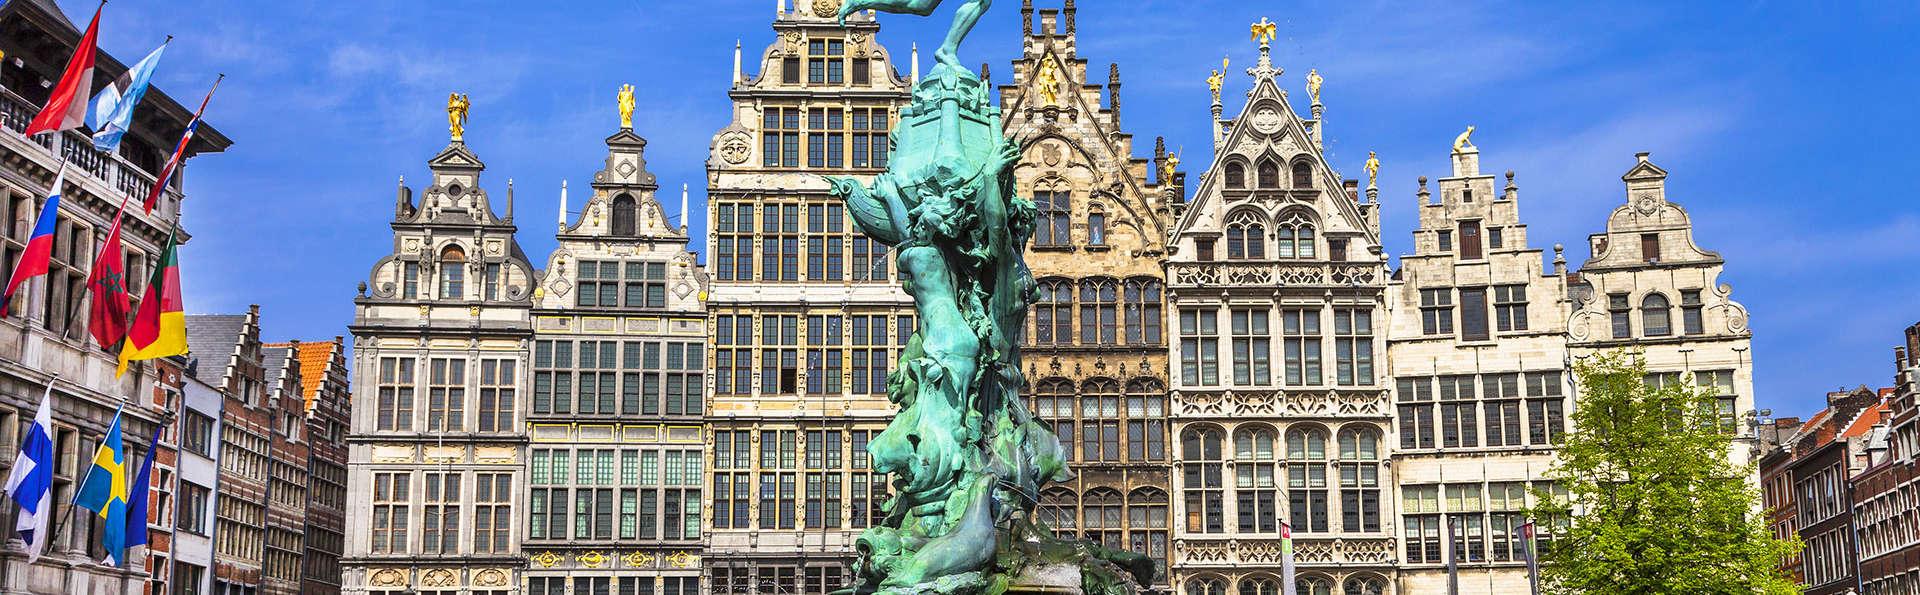 Explorez l'agréable ville portuaire d'Anvers